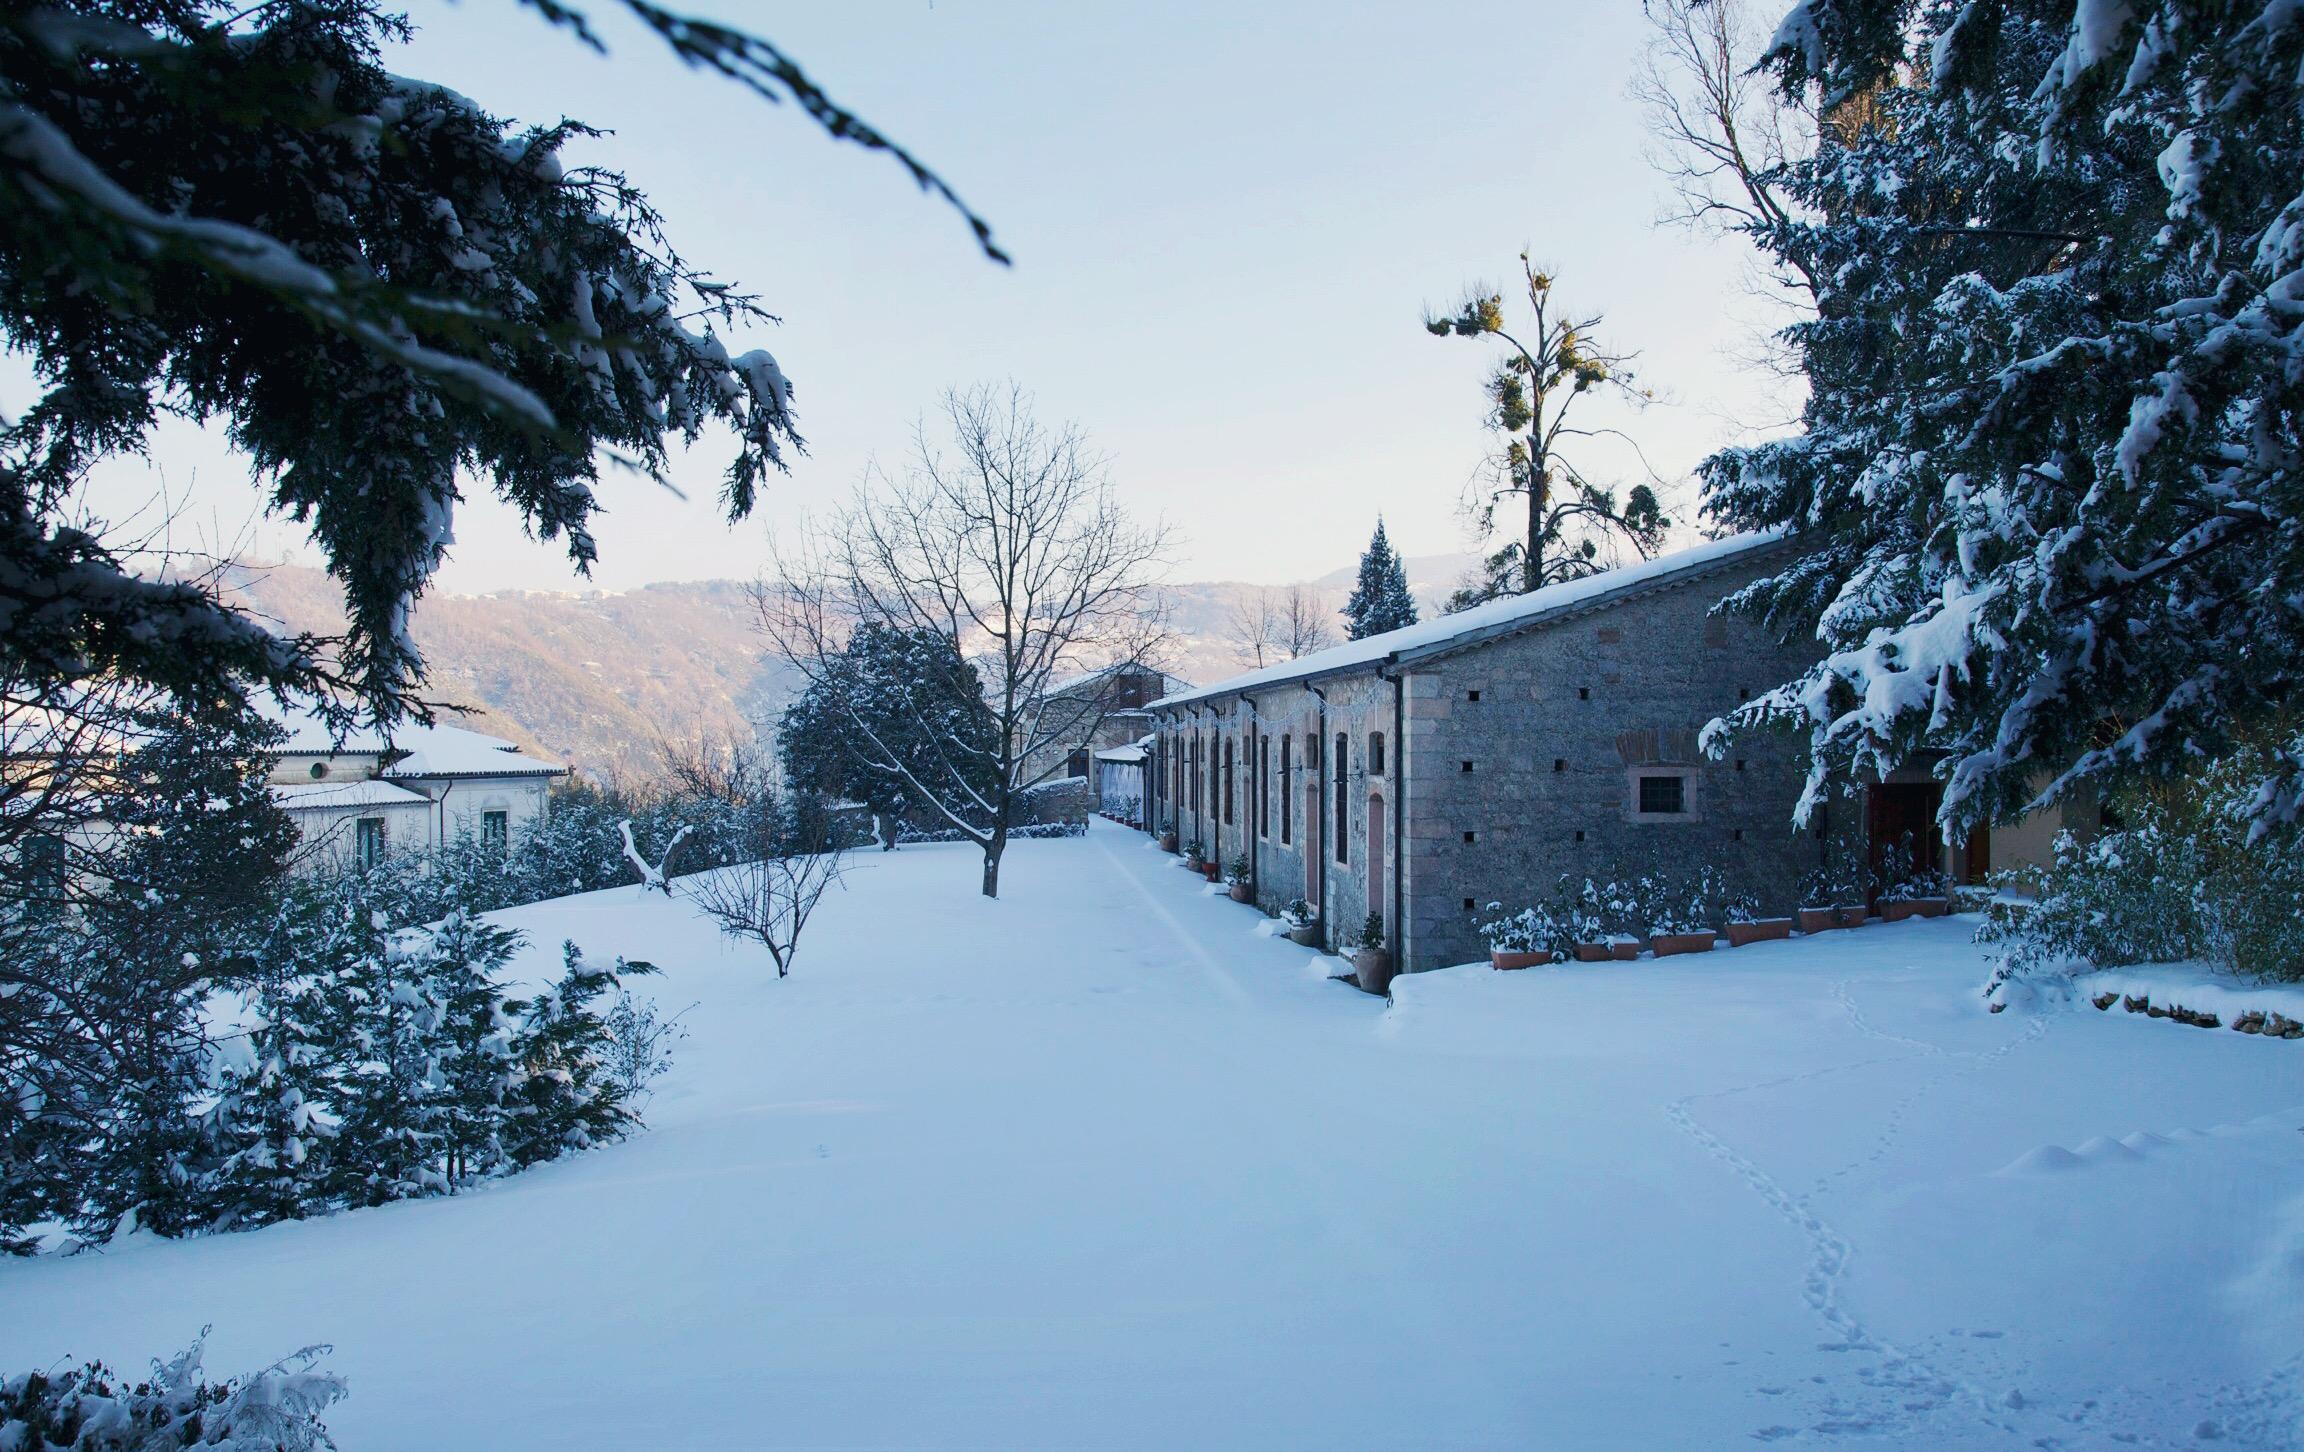 La Filanda dei Quintieri - L'inverno sull'antica filanda